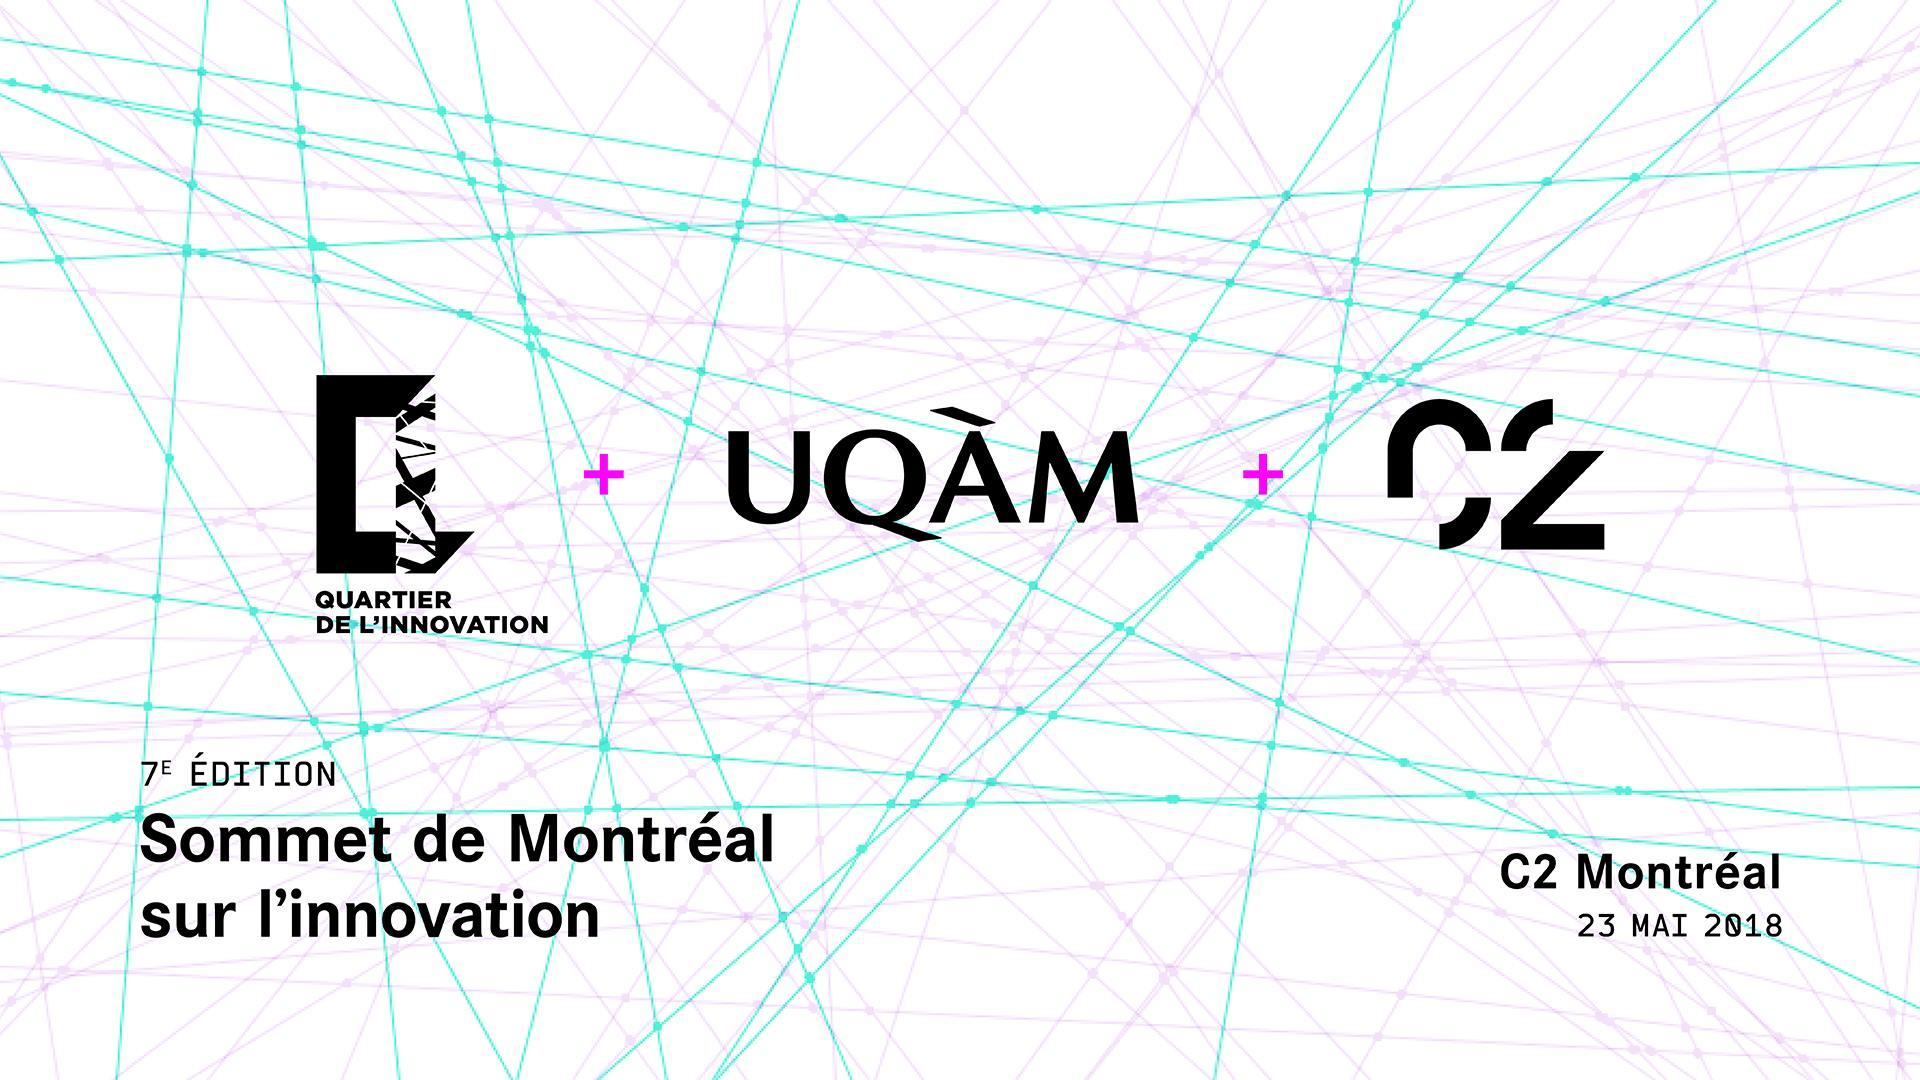 Sommet de Montréal sur l'innovation 2018